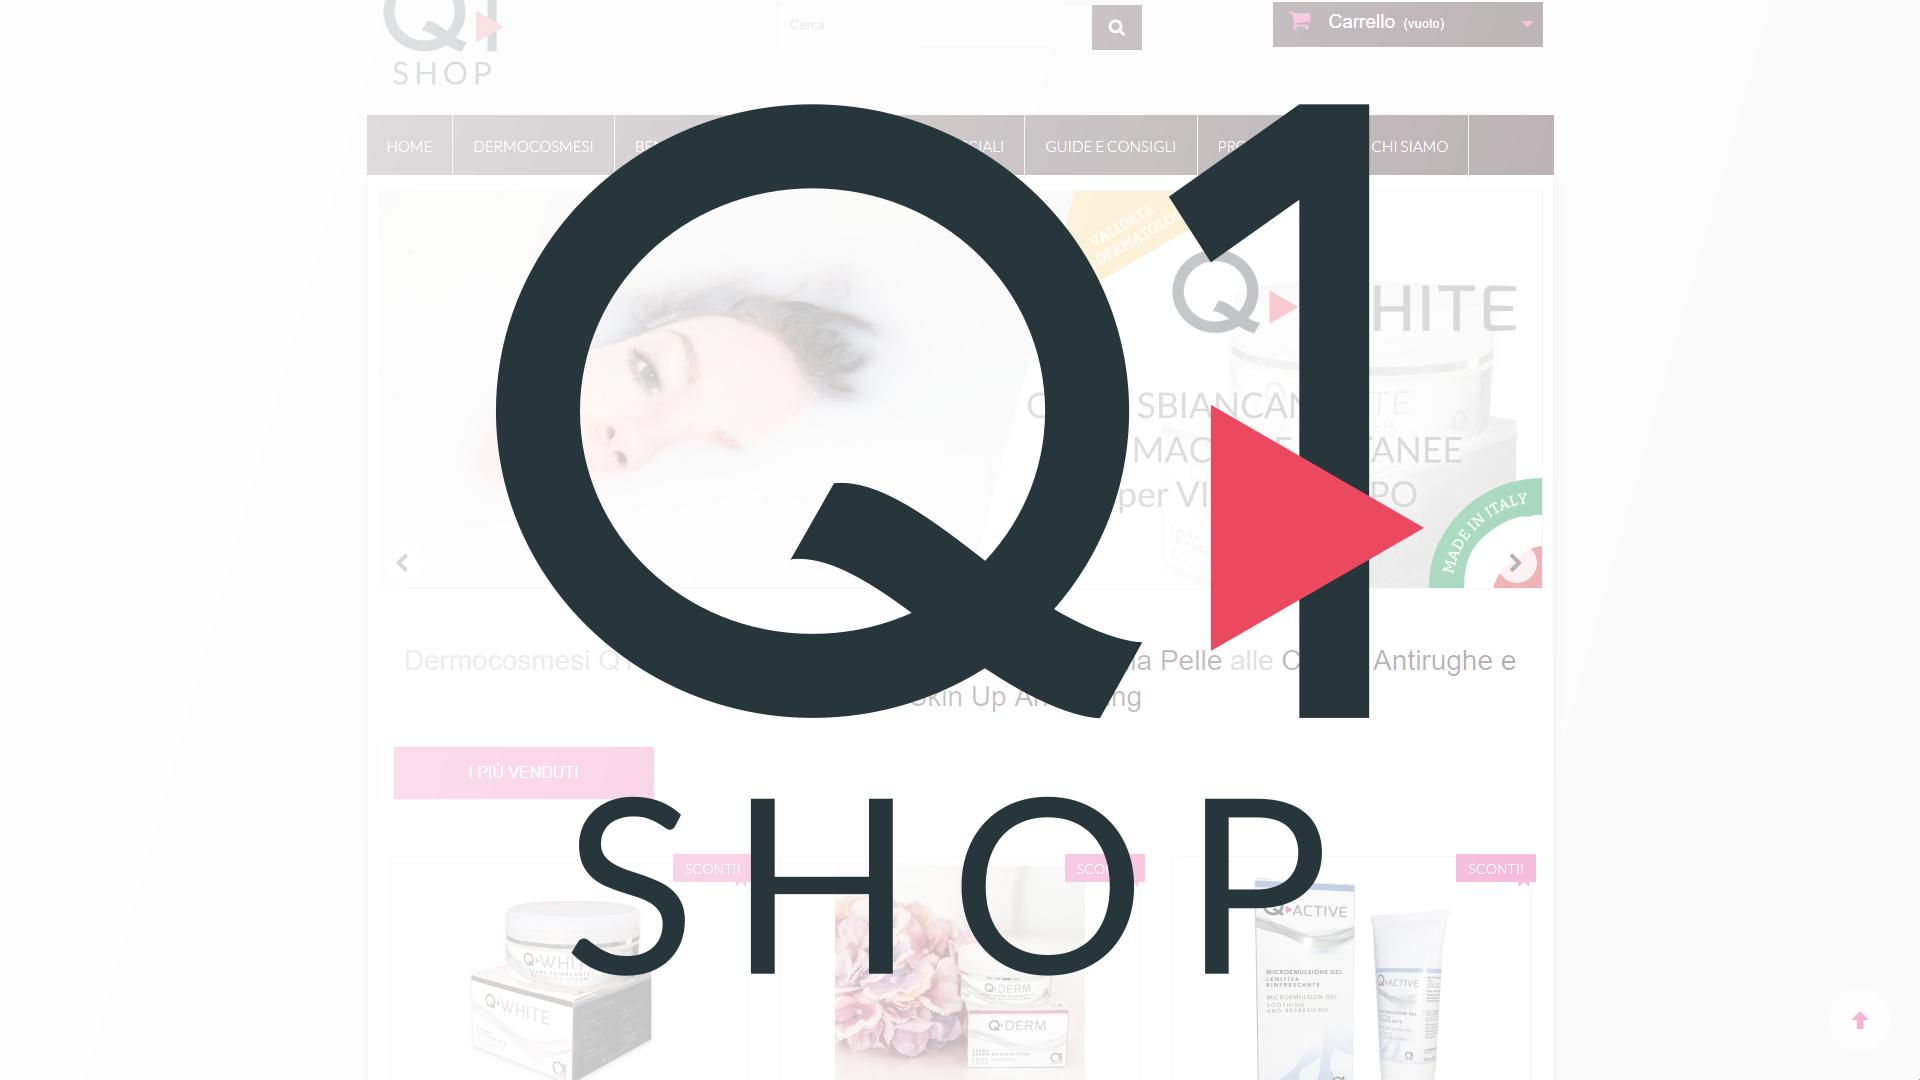 Q1 Shop